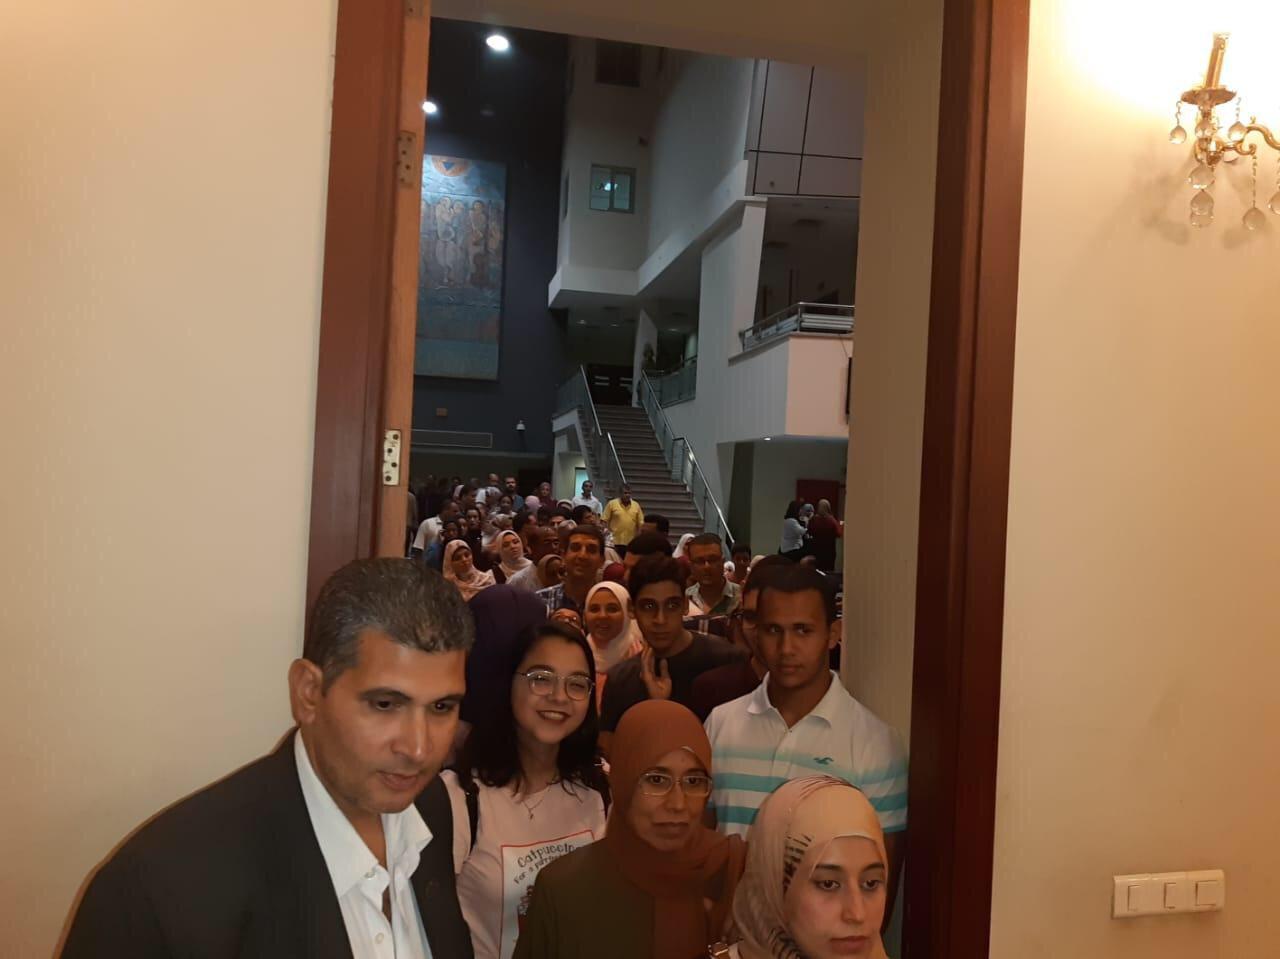 توافد الجمهور على مسرحيات عيد الأضحى